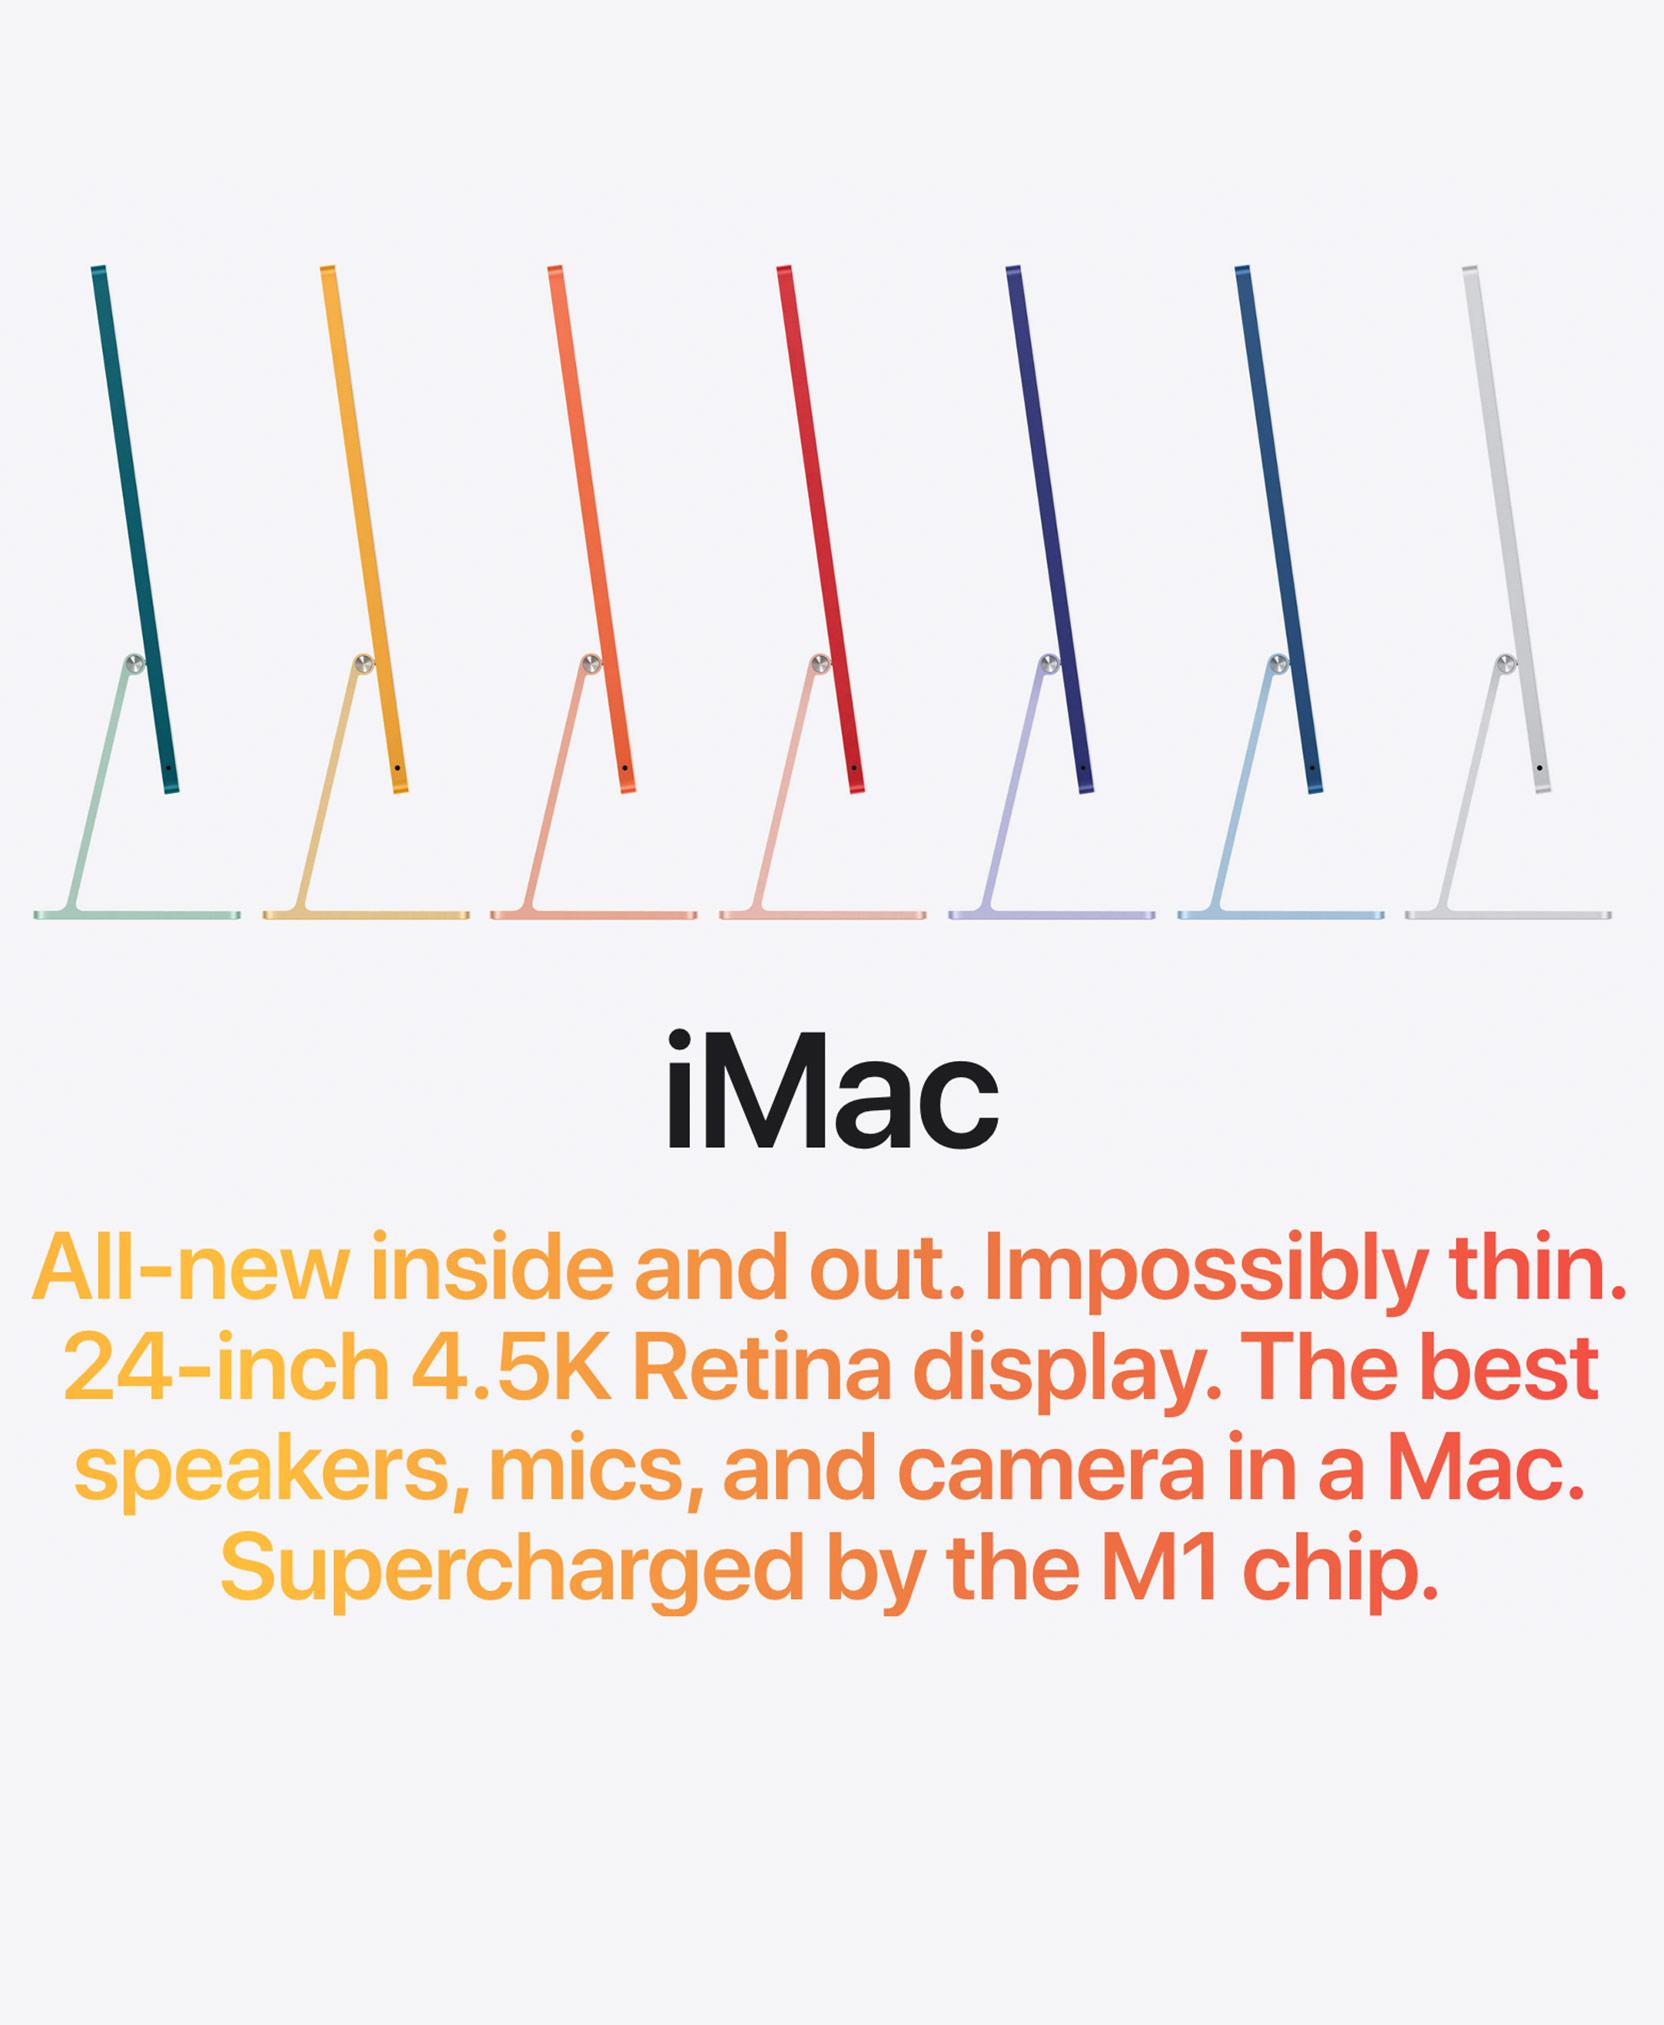 Apple iPhone 12 - xcite.com